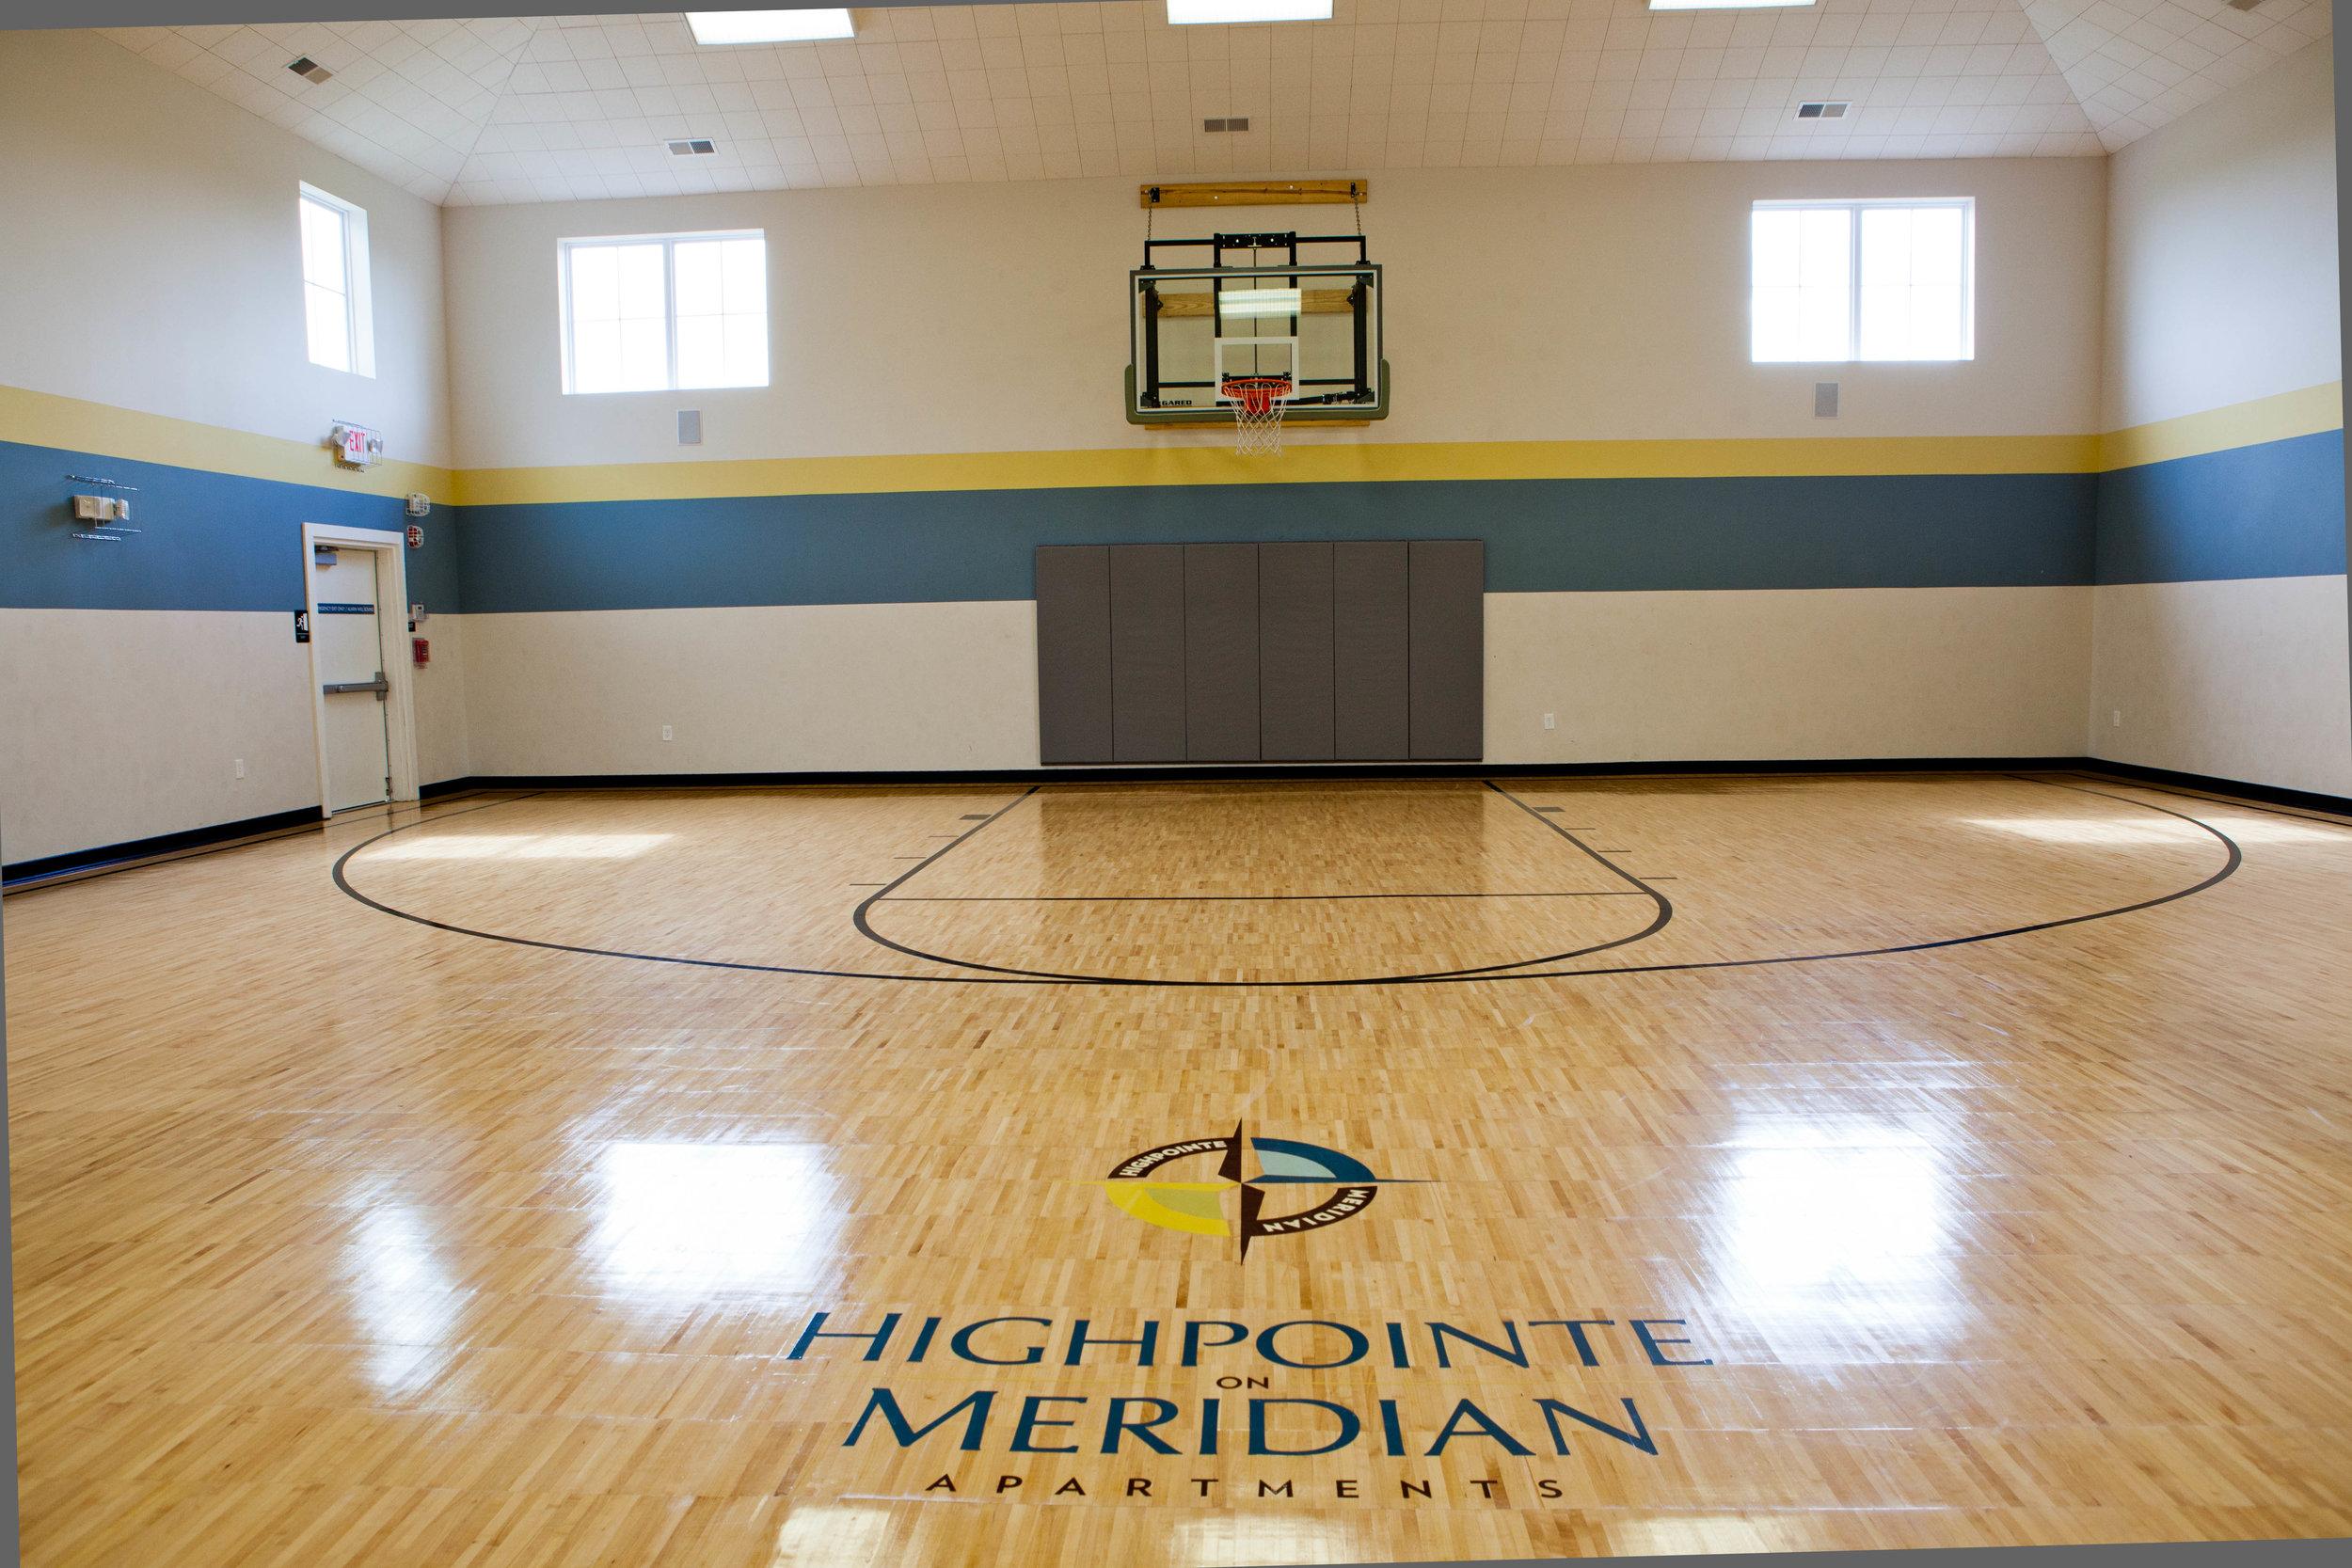 Highpointe - Basketball court (amenities).JPG